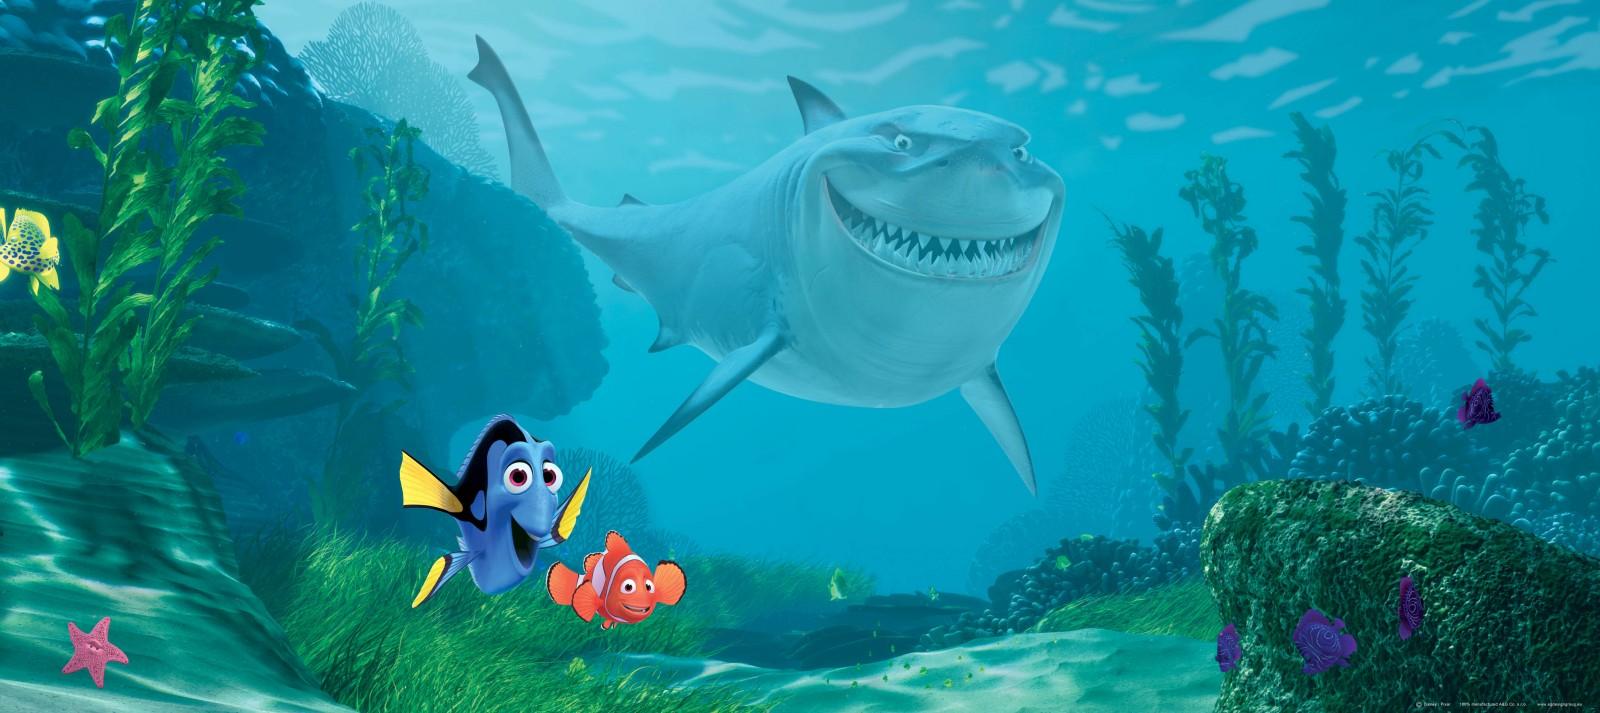 Wall mural wallpaper Finding Nemo Marlin Dorie & Bruce ...